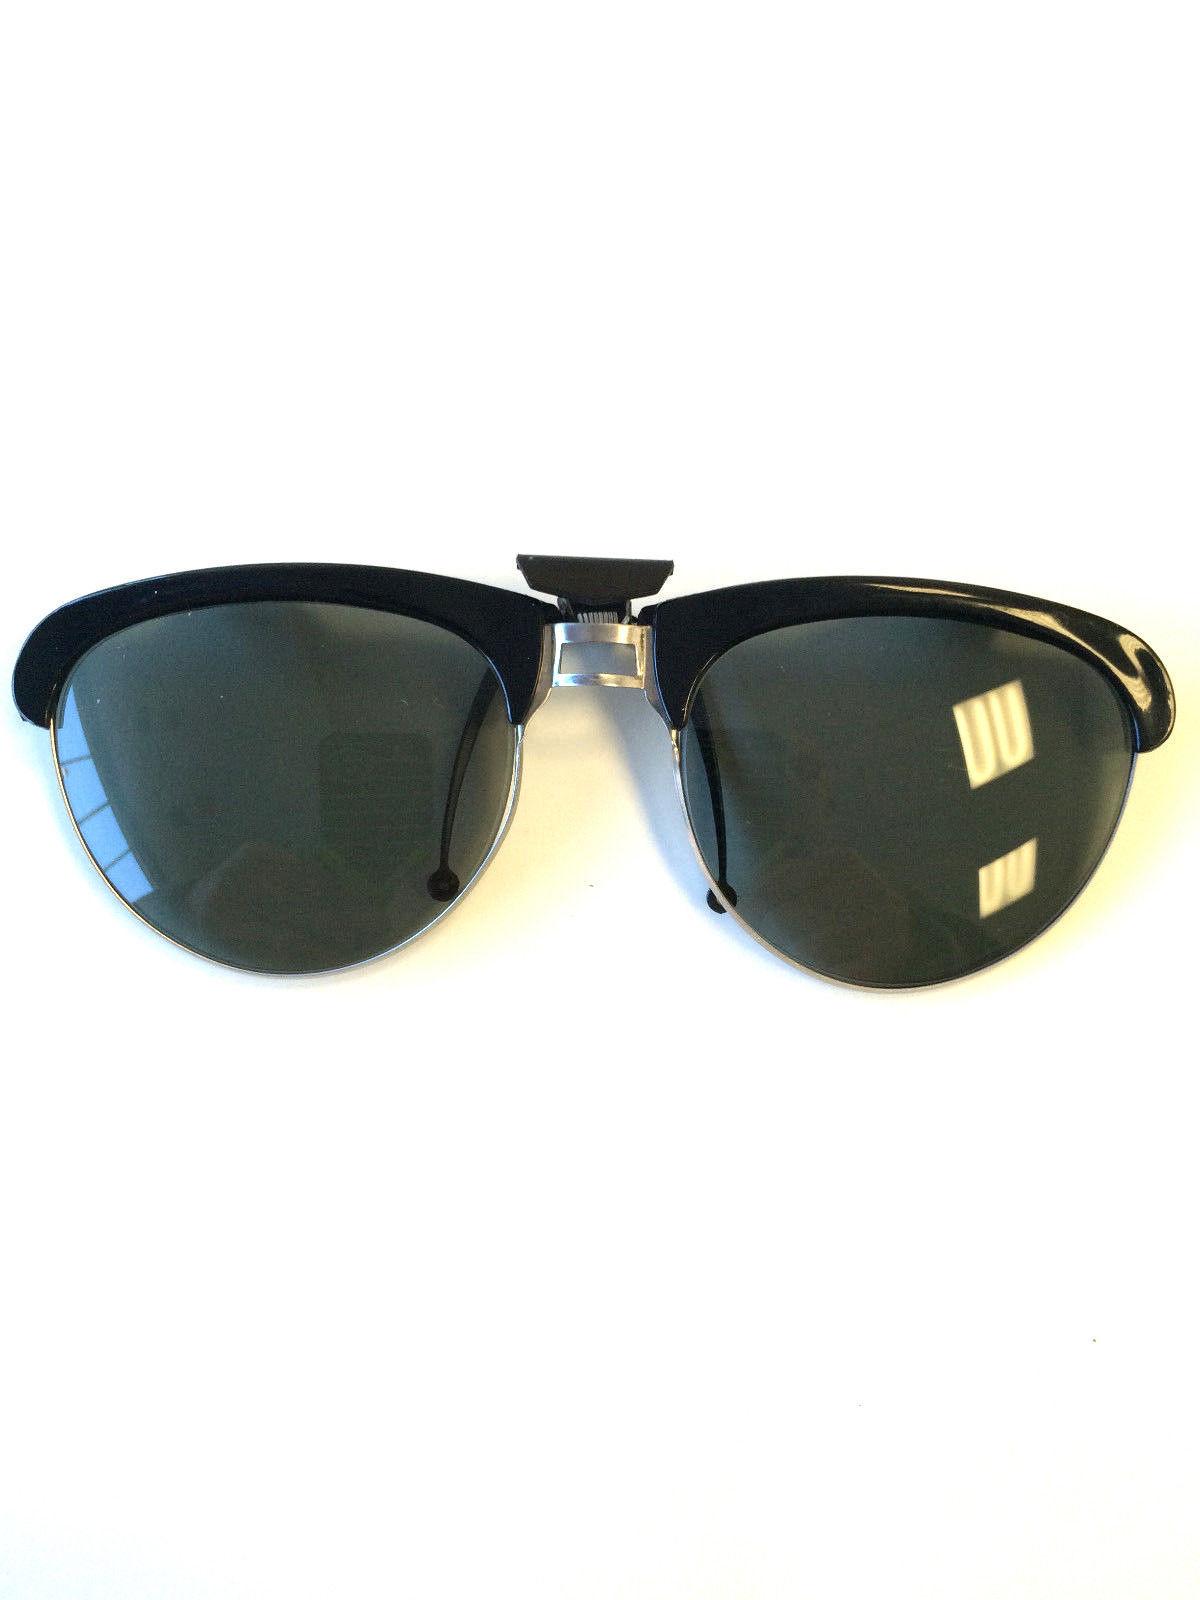 ea5207201e1fa Sunglass Clip On Klips-On 1960 Vintage and 50 similar items